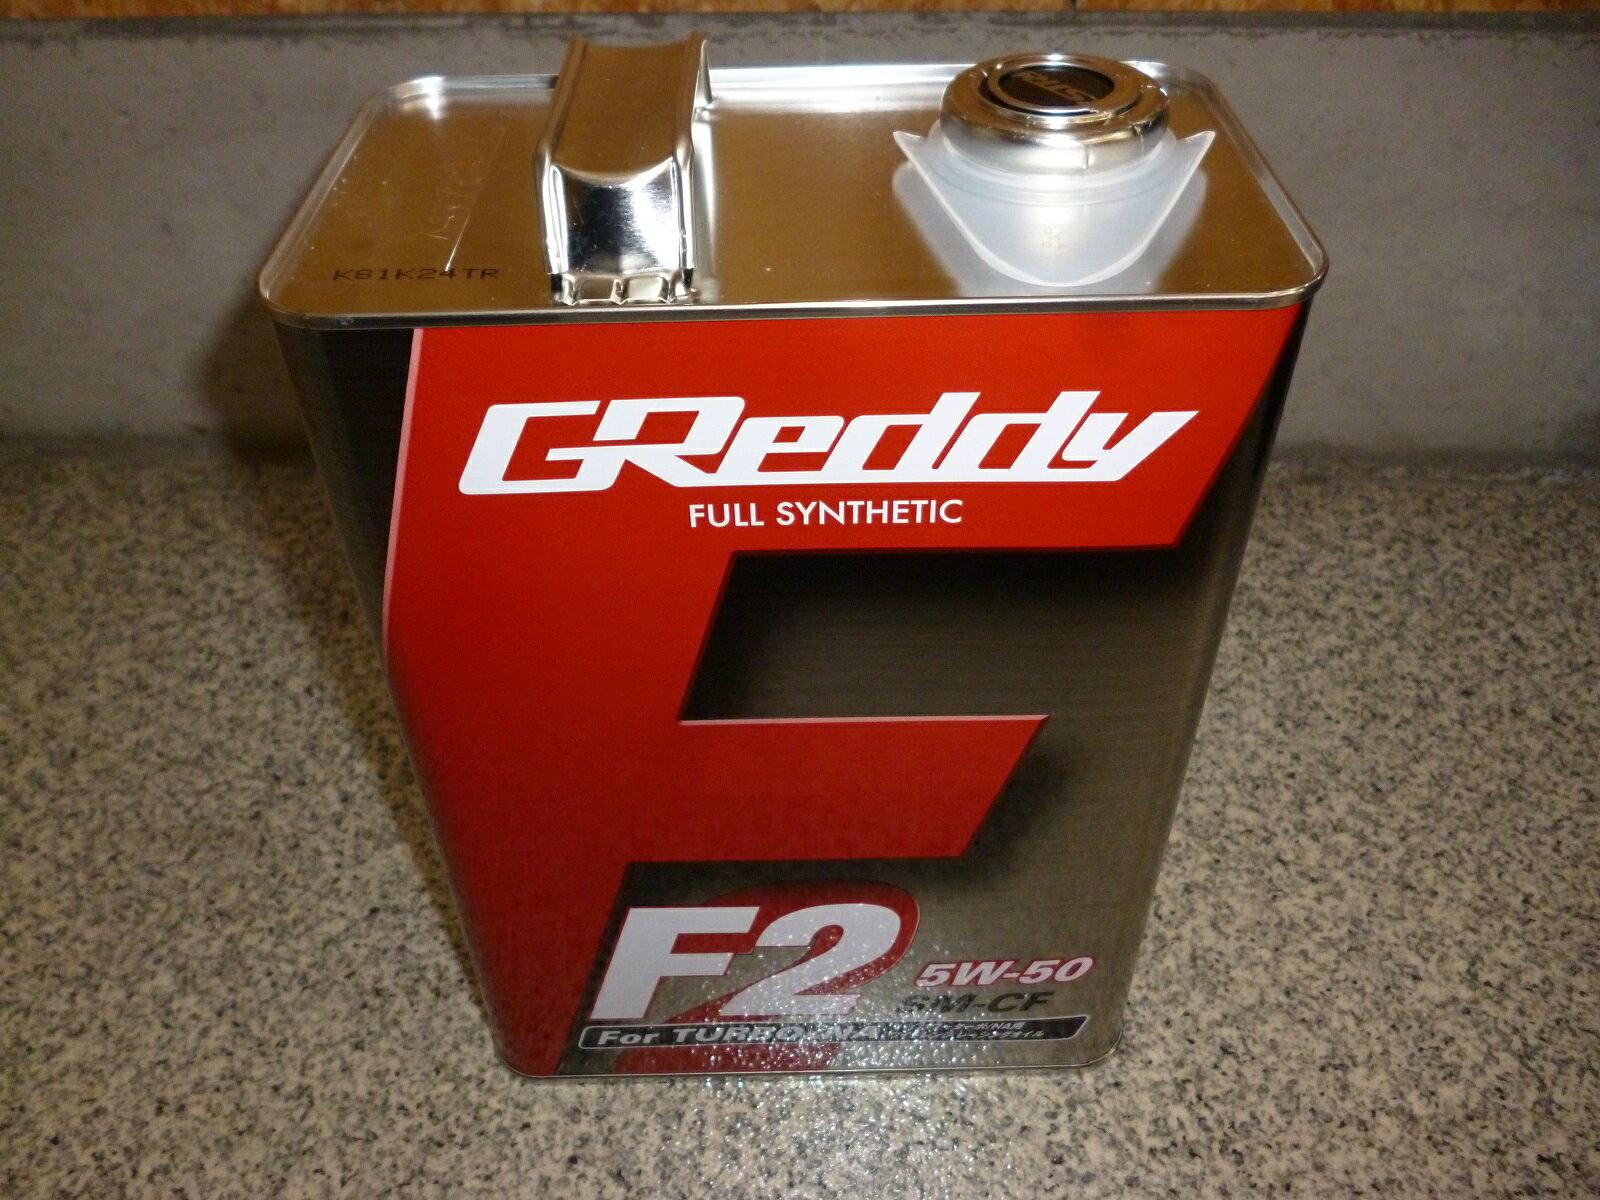 TRUST GReddy トラストF2 5W-50 4L缶 エンジンオイルSM-CF FULL SYNTHETIC BASE(17501204)沖縄、離島は出荷できません。